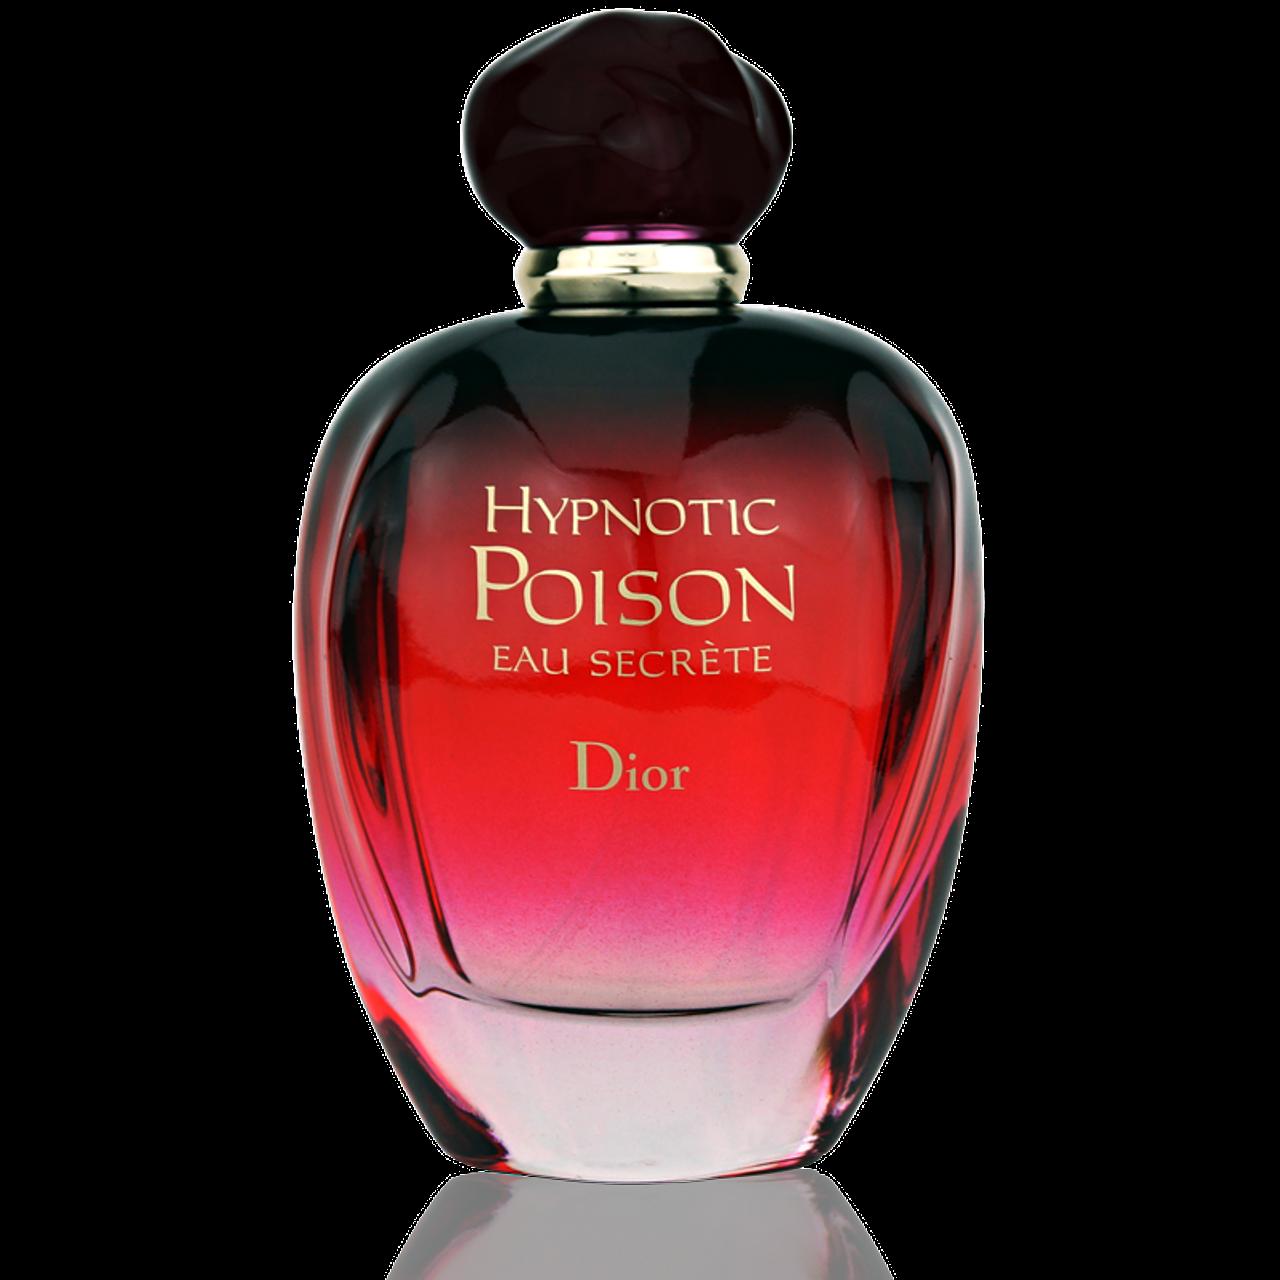 Dior Hypnotic Poison Eau Secrète EdT 100ml